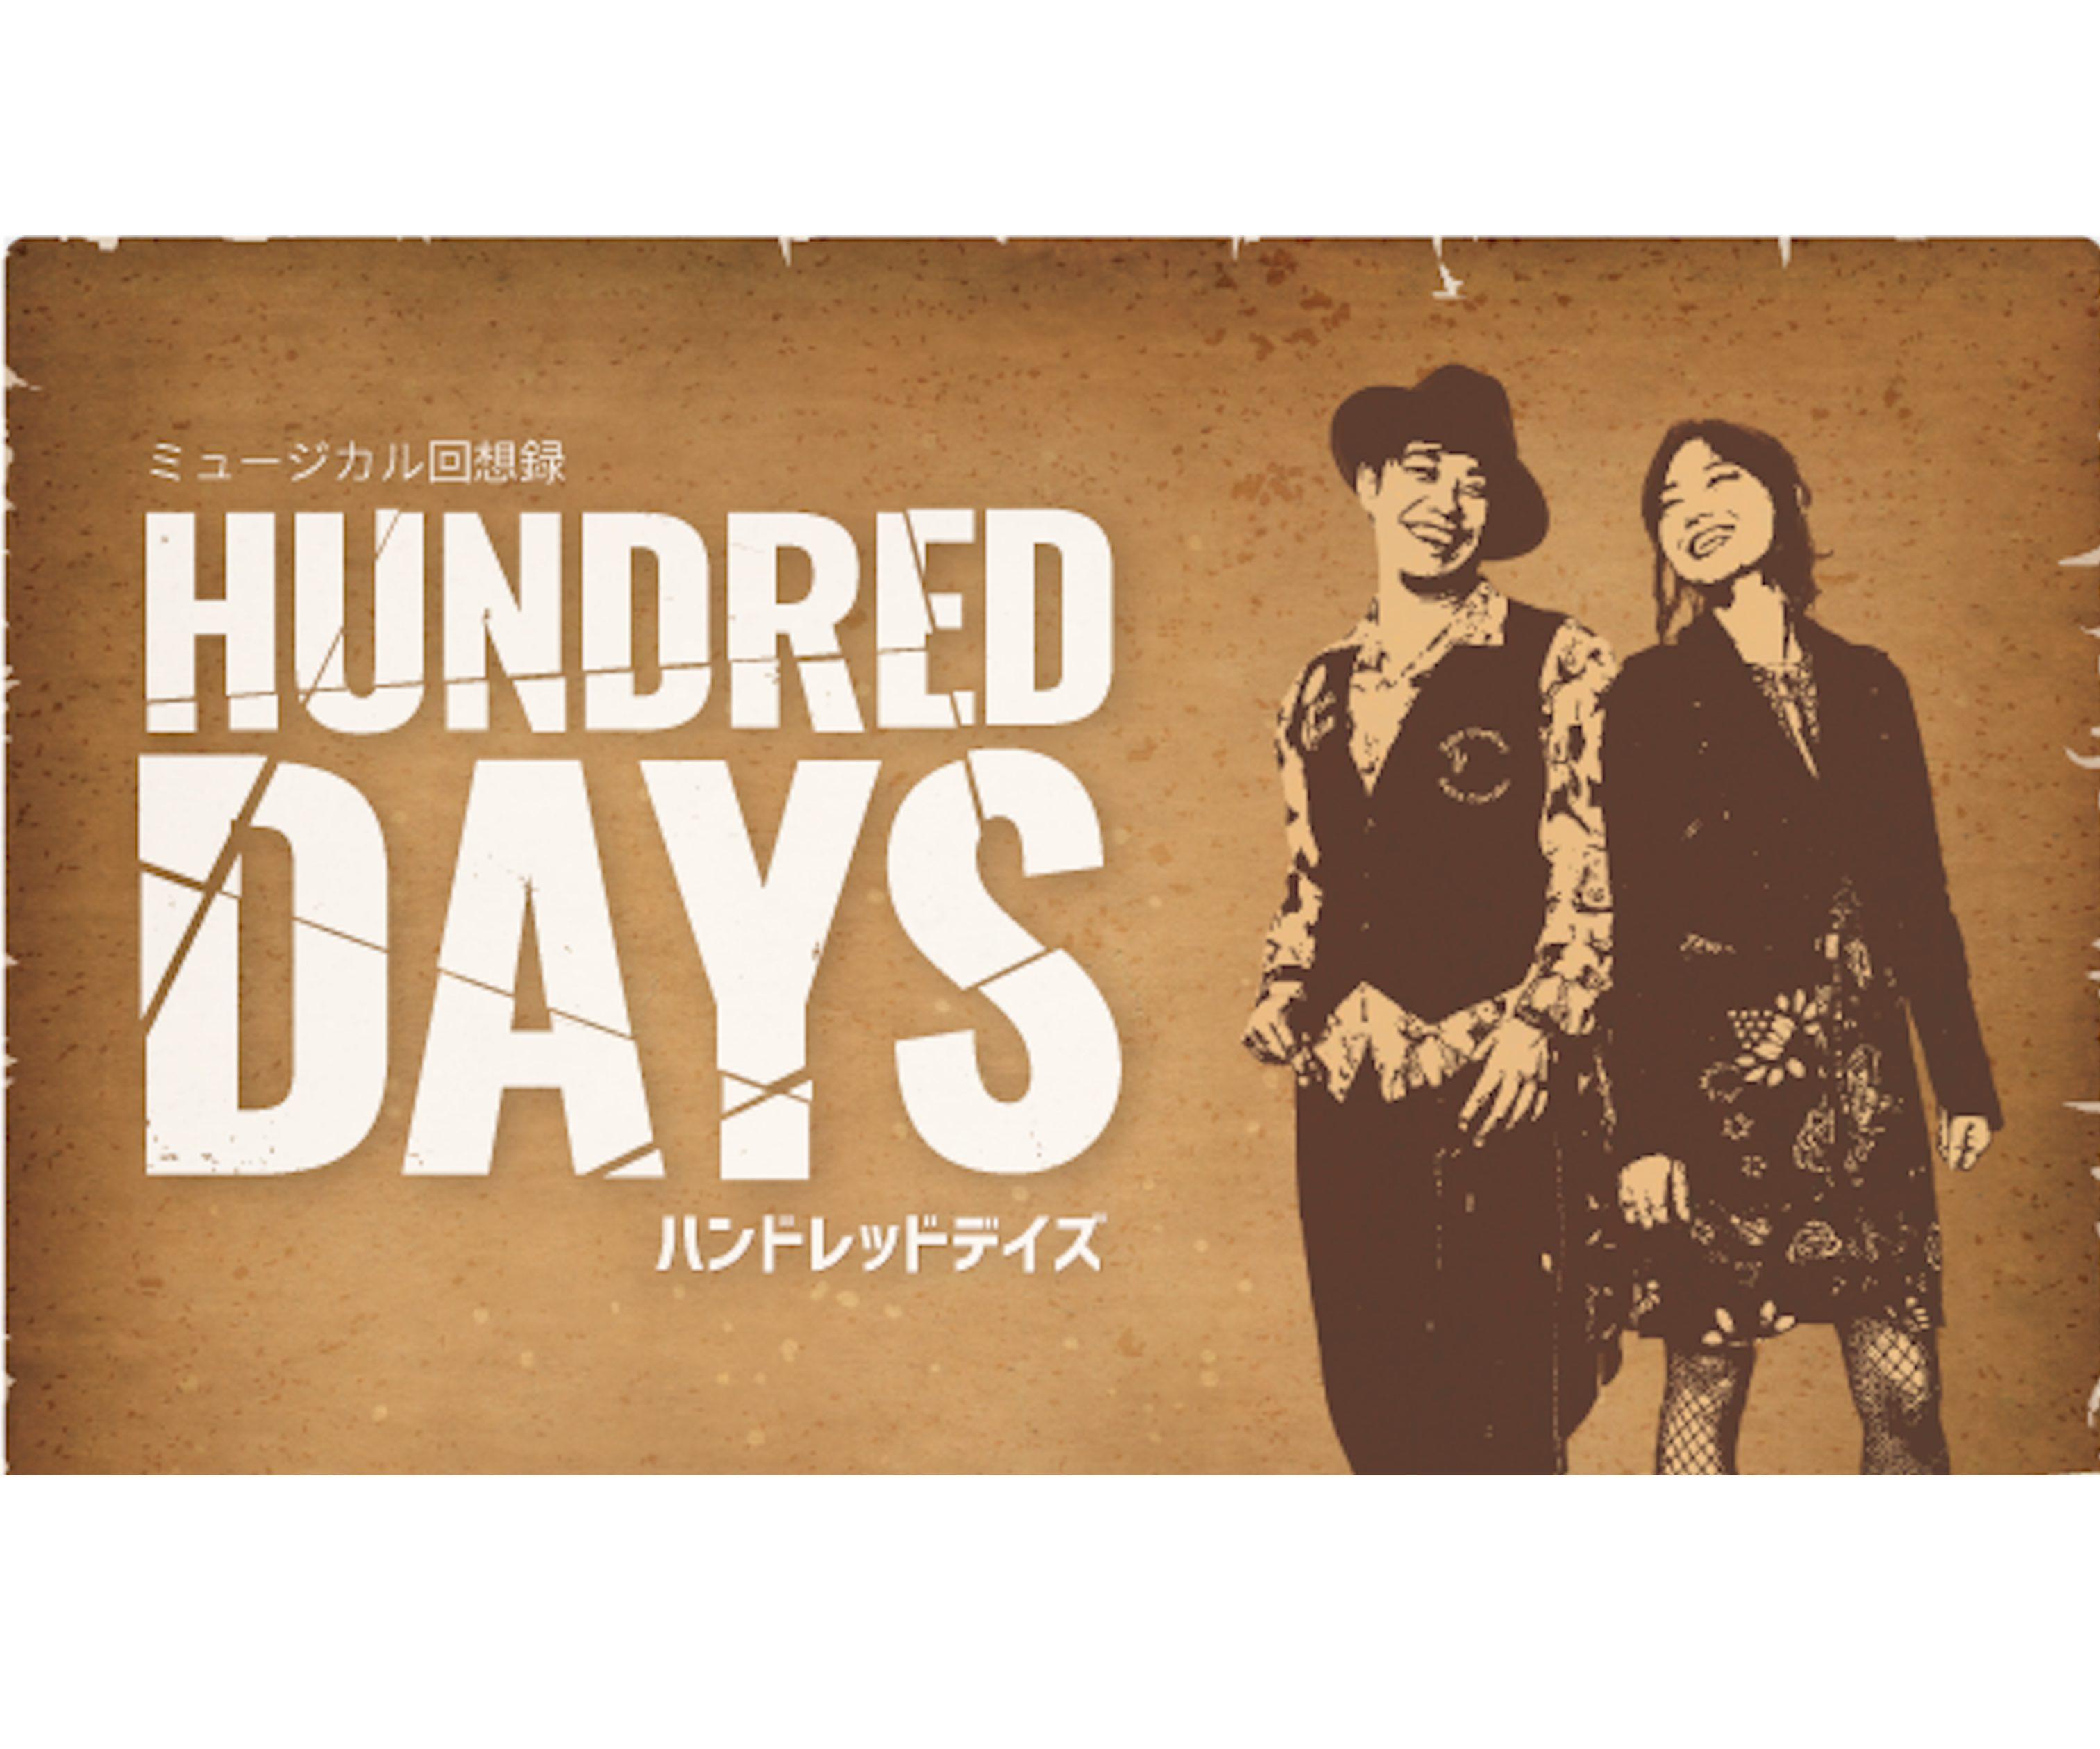 ミュージカル回想録「HUNDRED DAYS」@シアターモリエール(新宿)